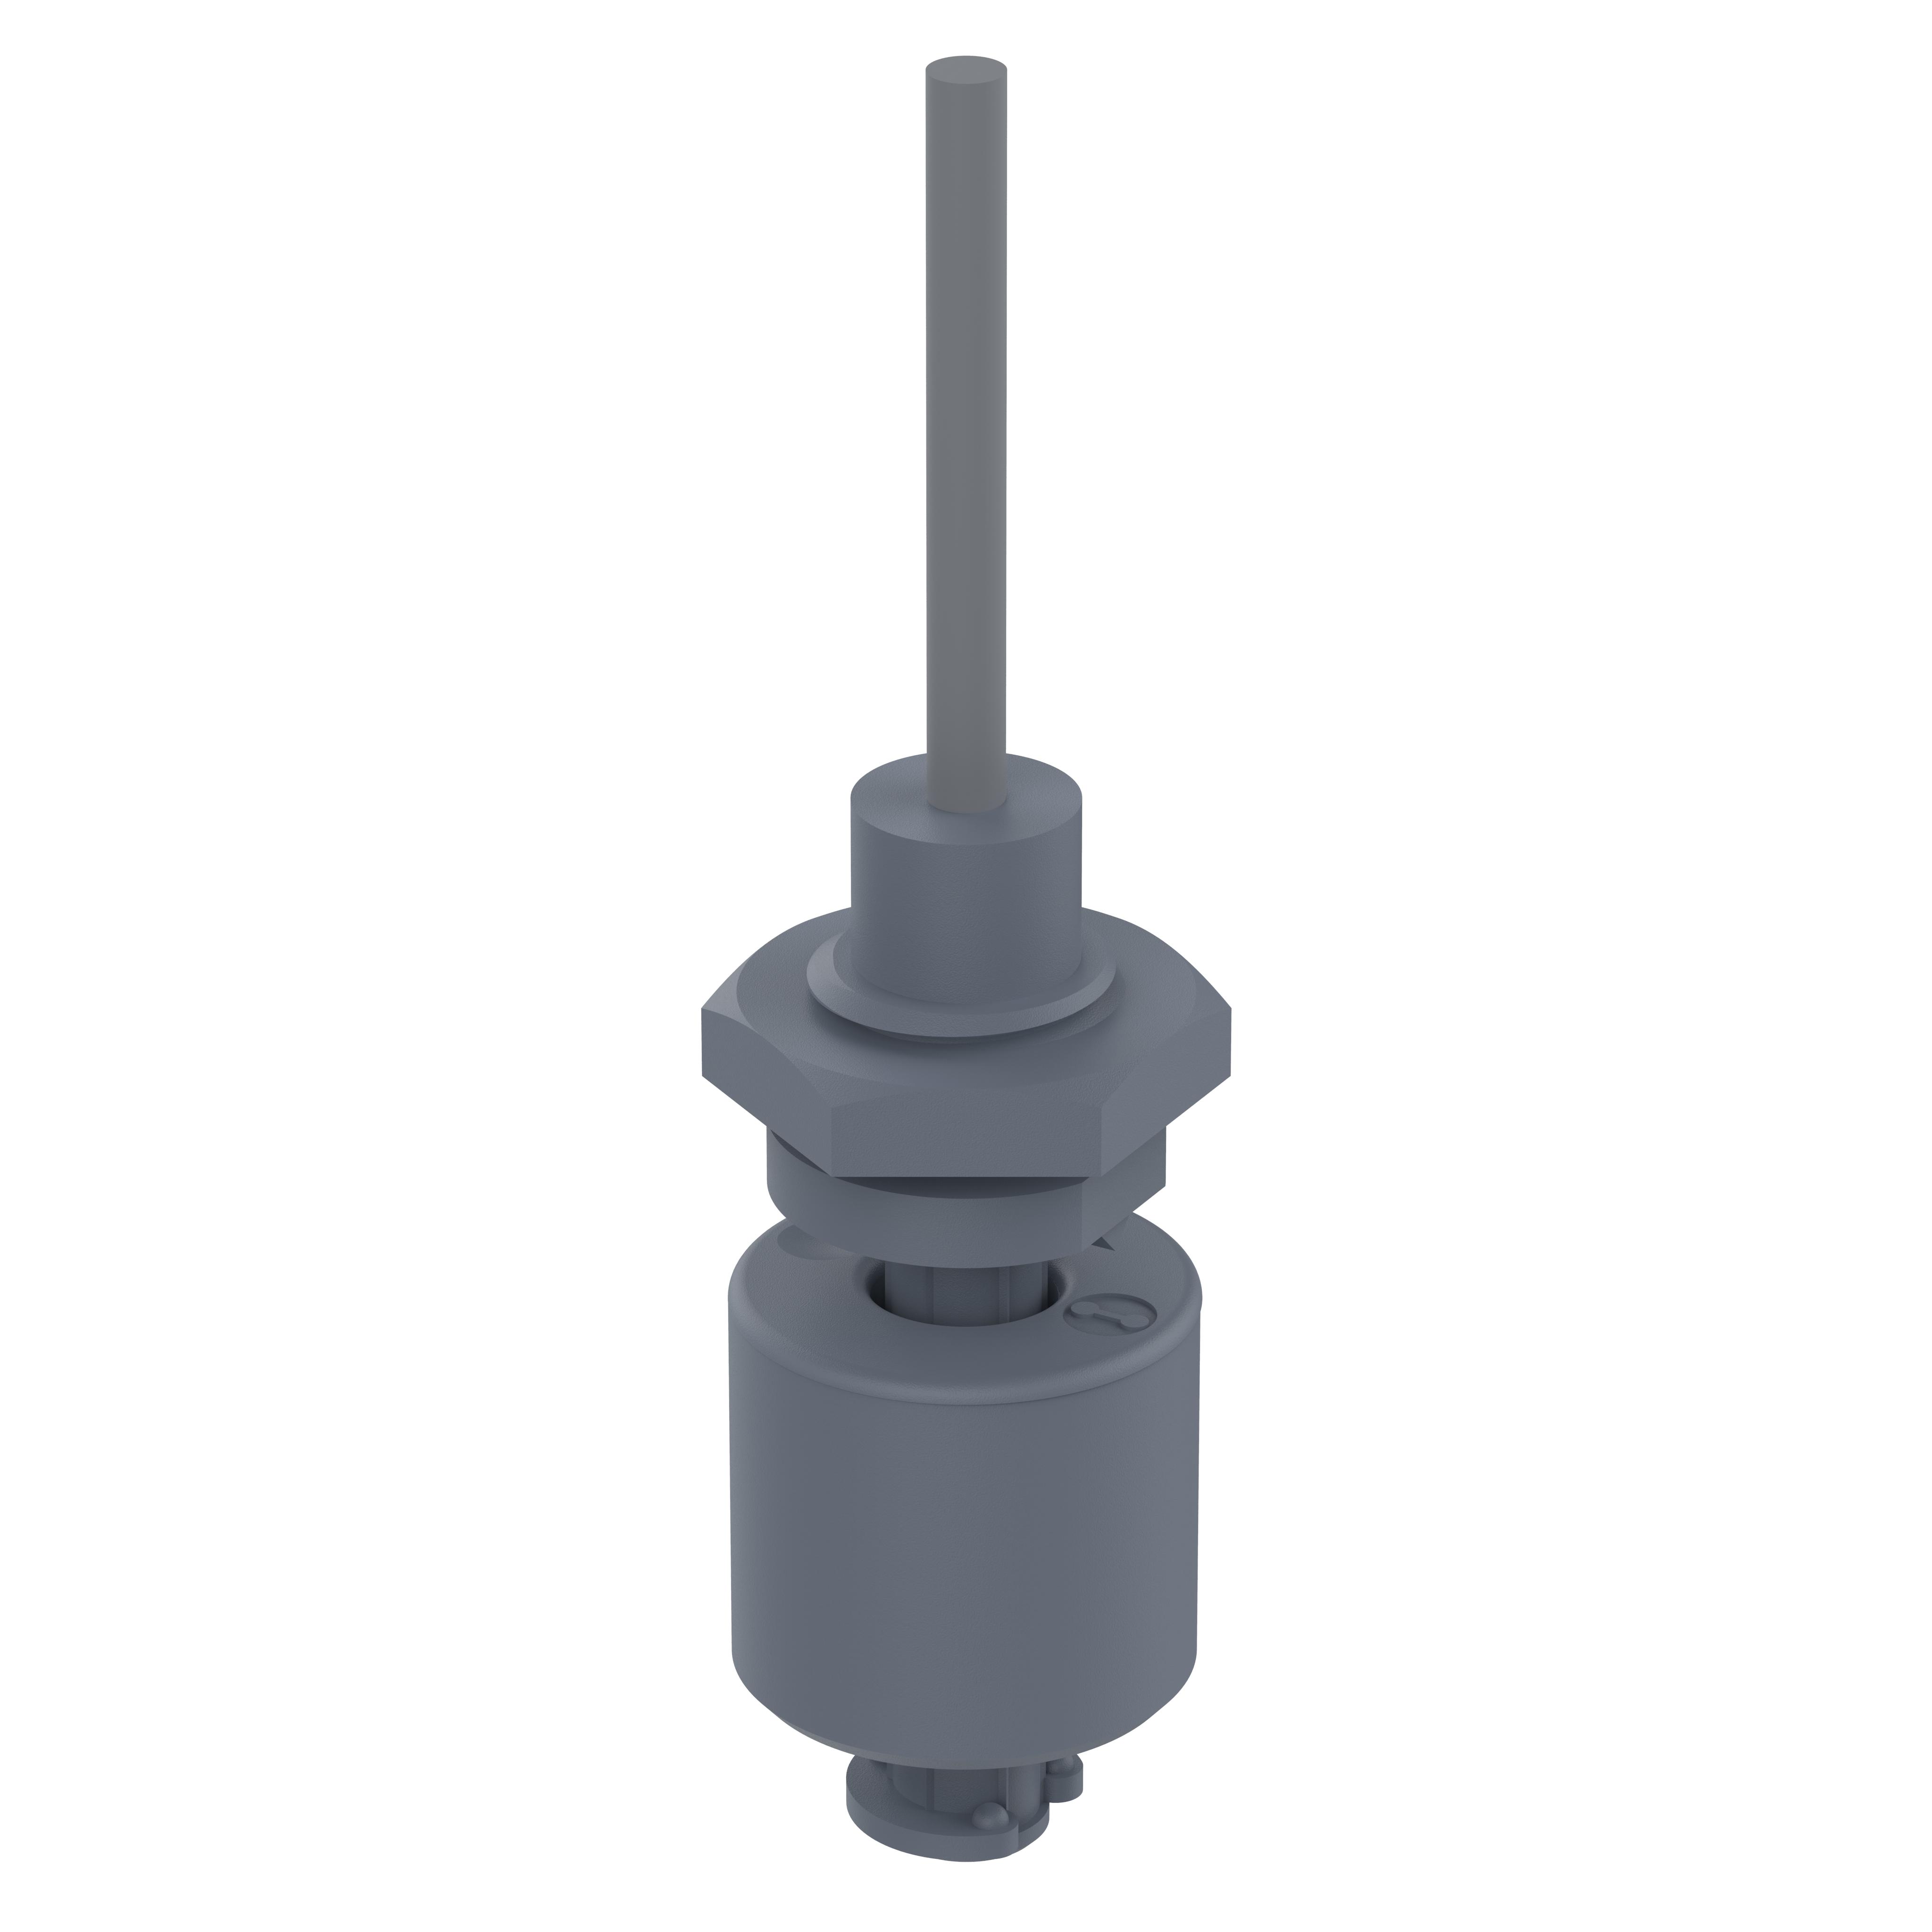 Miniatur Schwimmerschalter - 201030-5 - Wechsler, 48V, PVC, Gewinde PG3/8, 5m Kabel